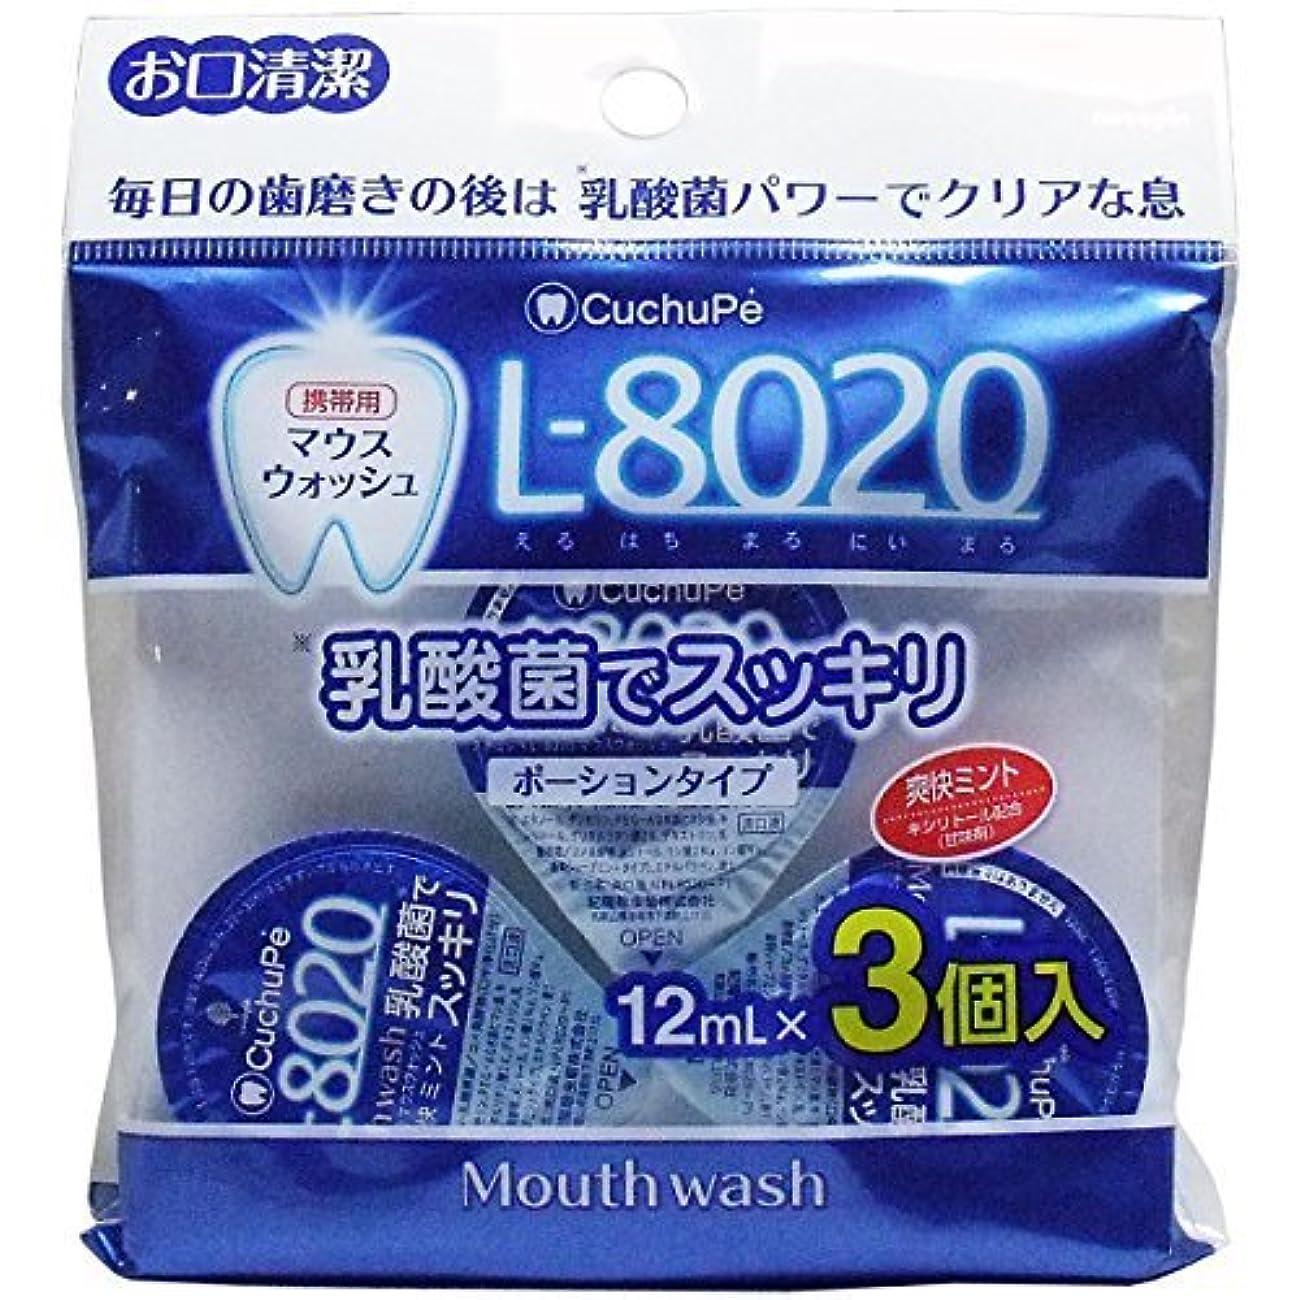 必要性盆地結核クチュッペ L-8020 乳酸菌マウスウォッシュ 携帯用ポーションタイプ 爽快ミント 3個入